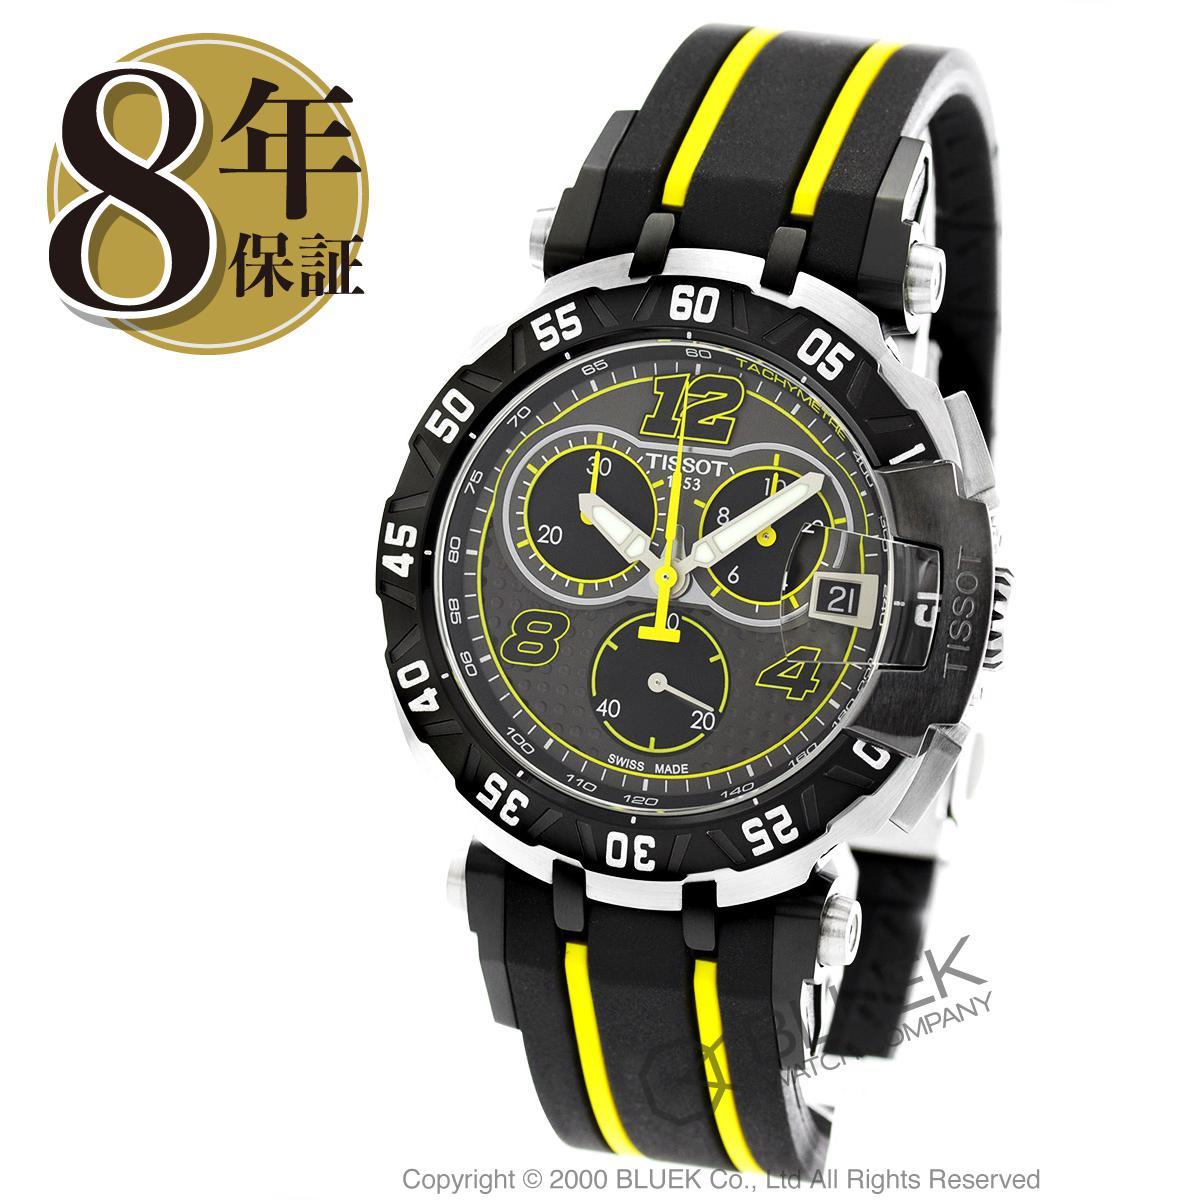 ティソ T-スポーツ T-レース トーマス・ルティ2016 世界限定2112本 クロノグラフ 腕時計 メンズ TISSOT T092.417.27.067.00_8